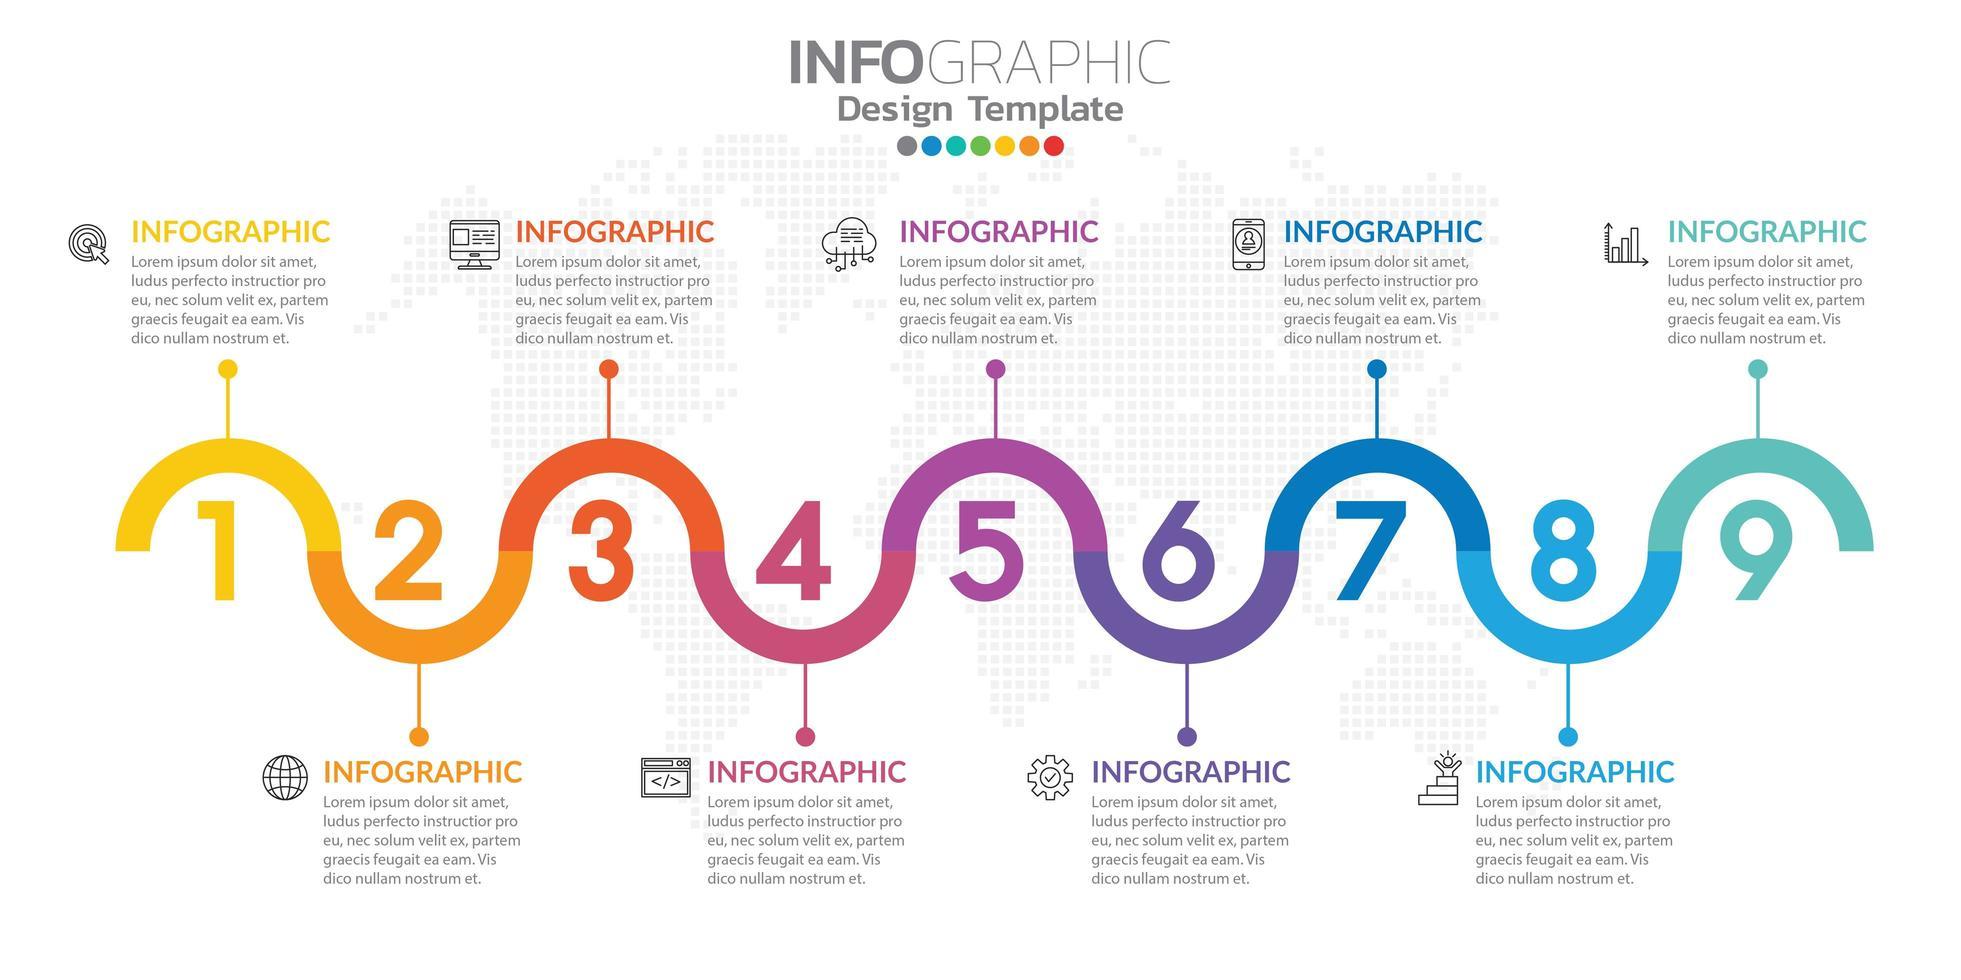 infographics för affärsidé med ikoner och alternativ eller steg. vektor